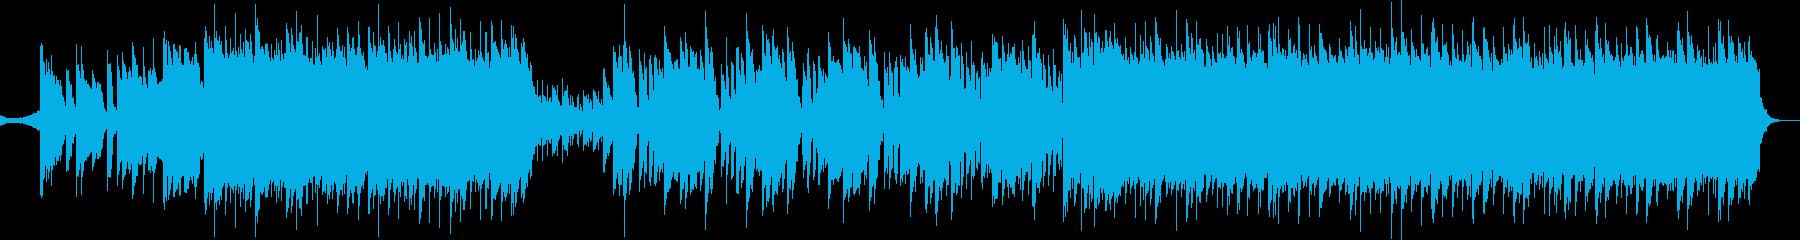 キラキラしてかわいい感じのテクノポップでの再生済みの波形